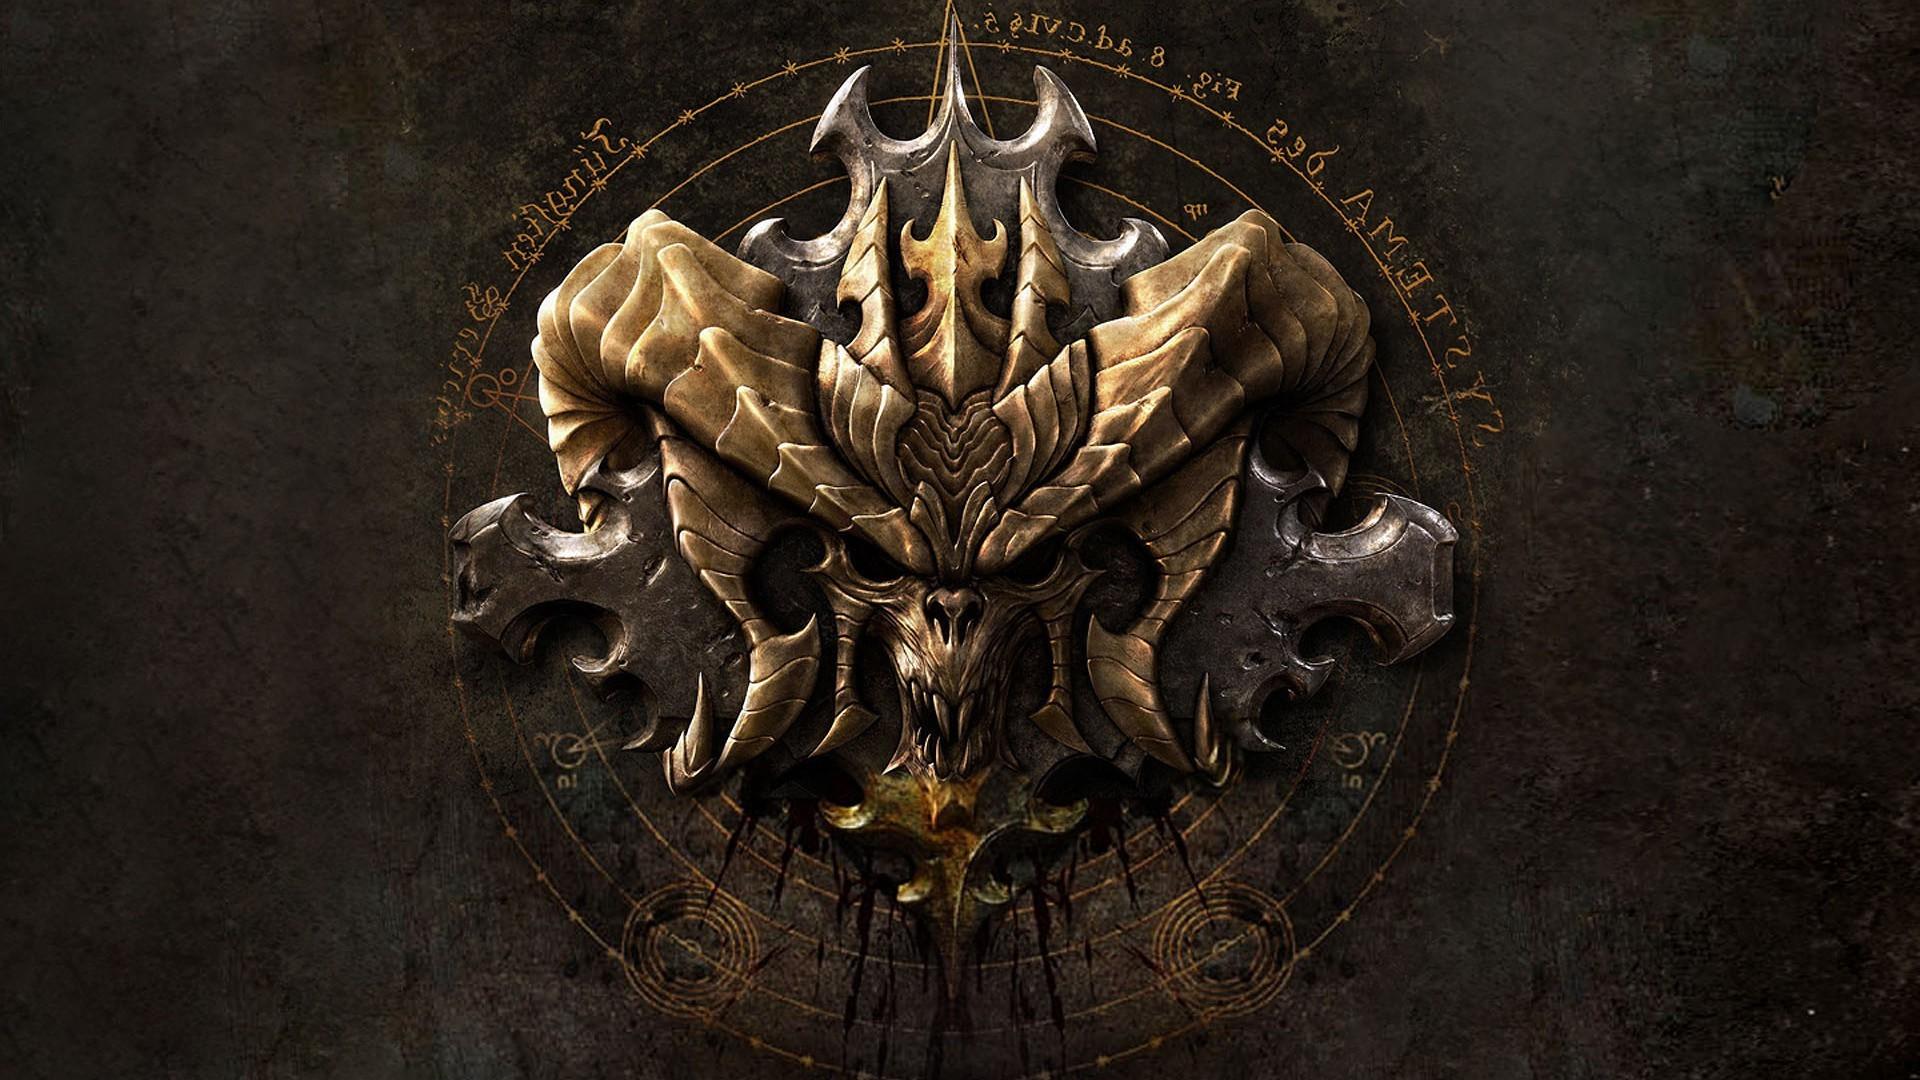 Res: 1920x1080, Diablo III HD Wallpapers